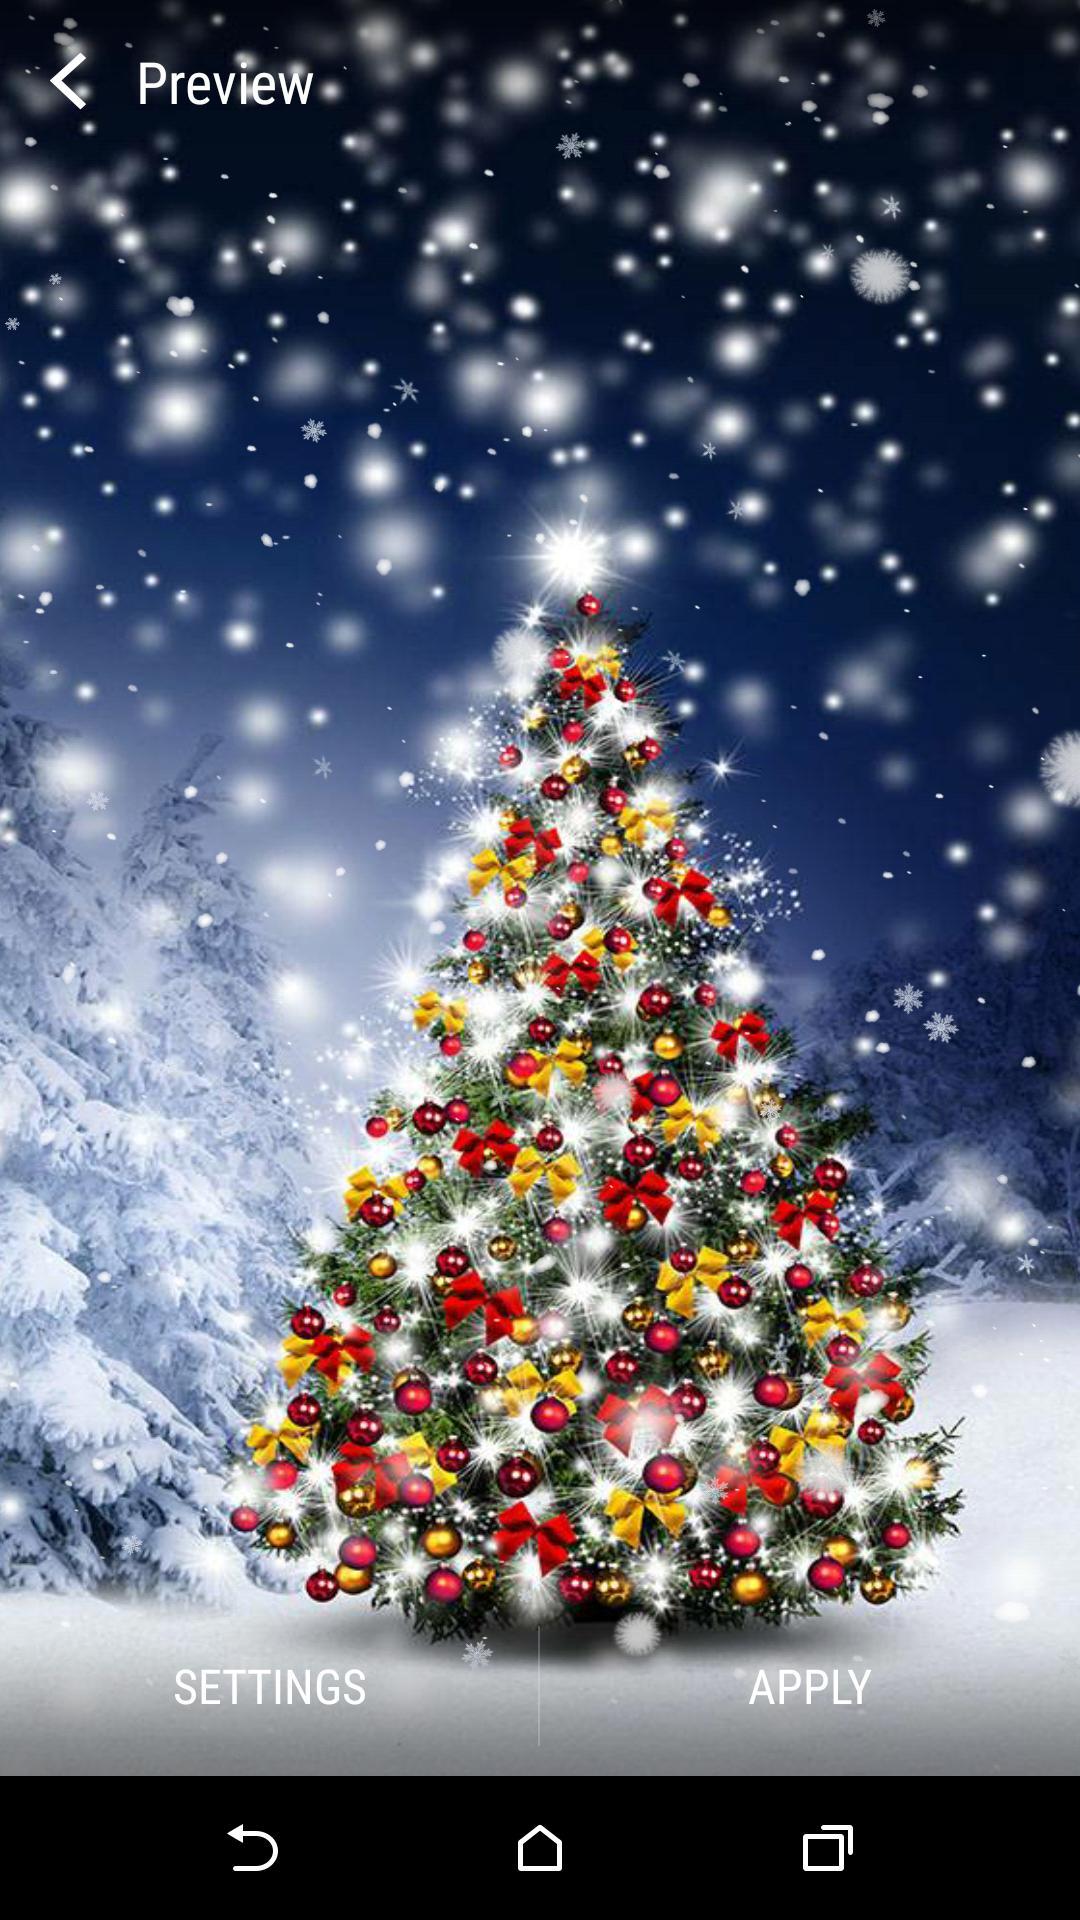 Android 用の クリスマスツリーライブ壁紙 Apk をダウンロード